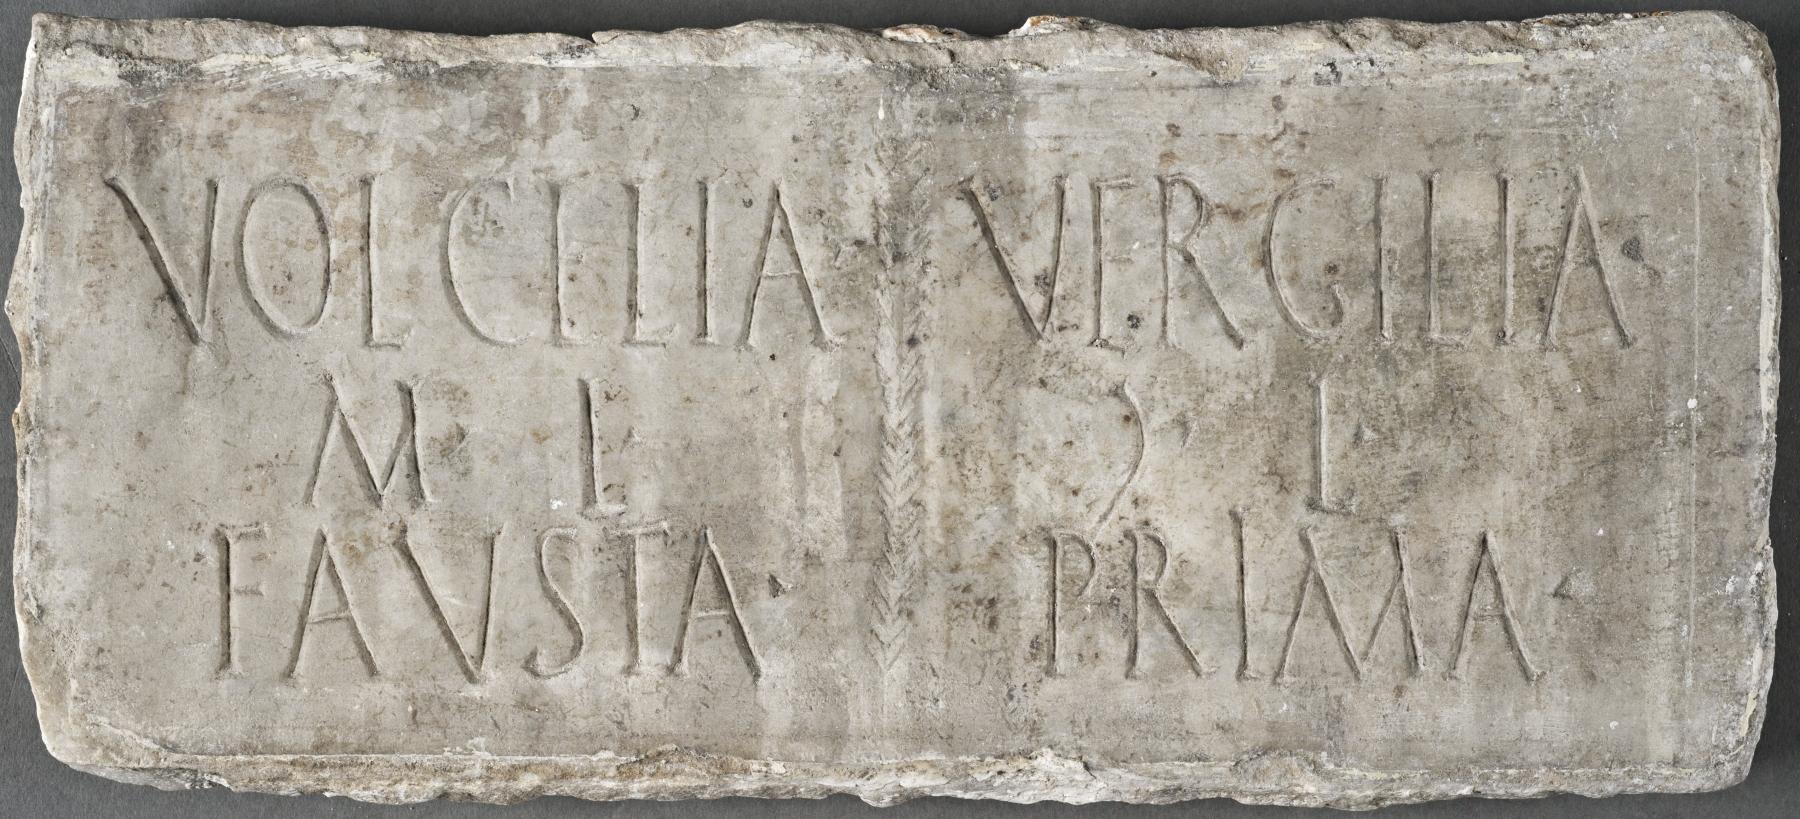 Columbarium plaque for two freedwomen, Volcelia Fausta and Vergilia Prima